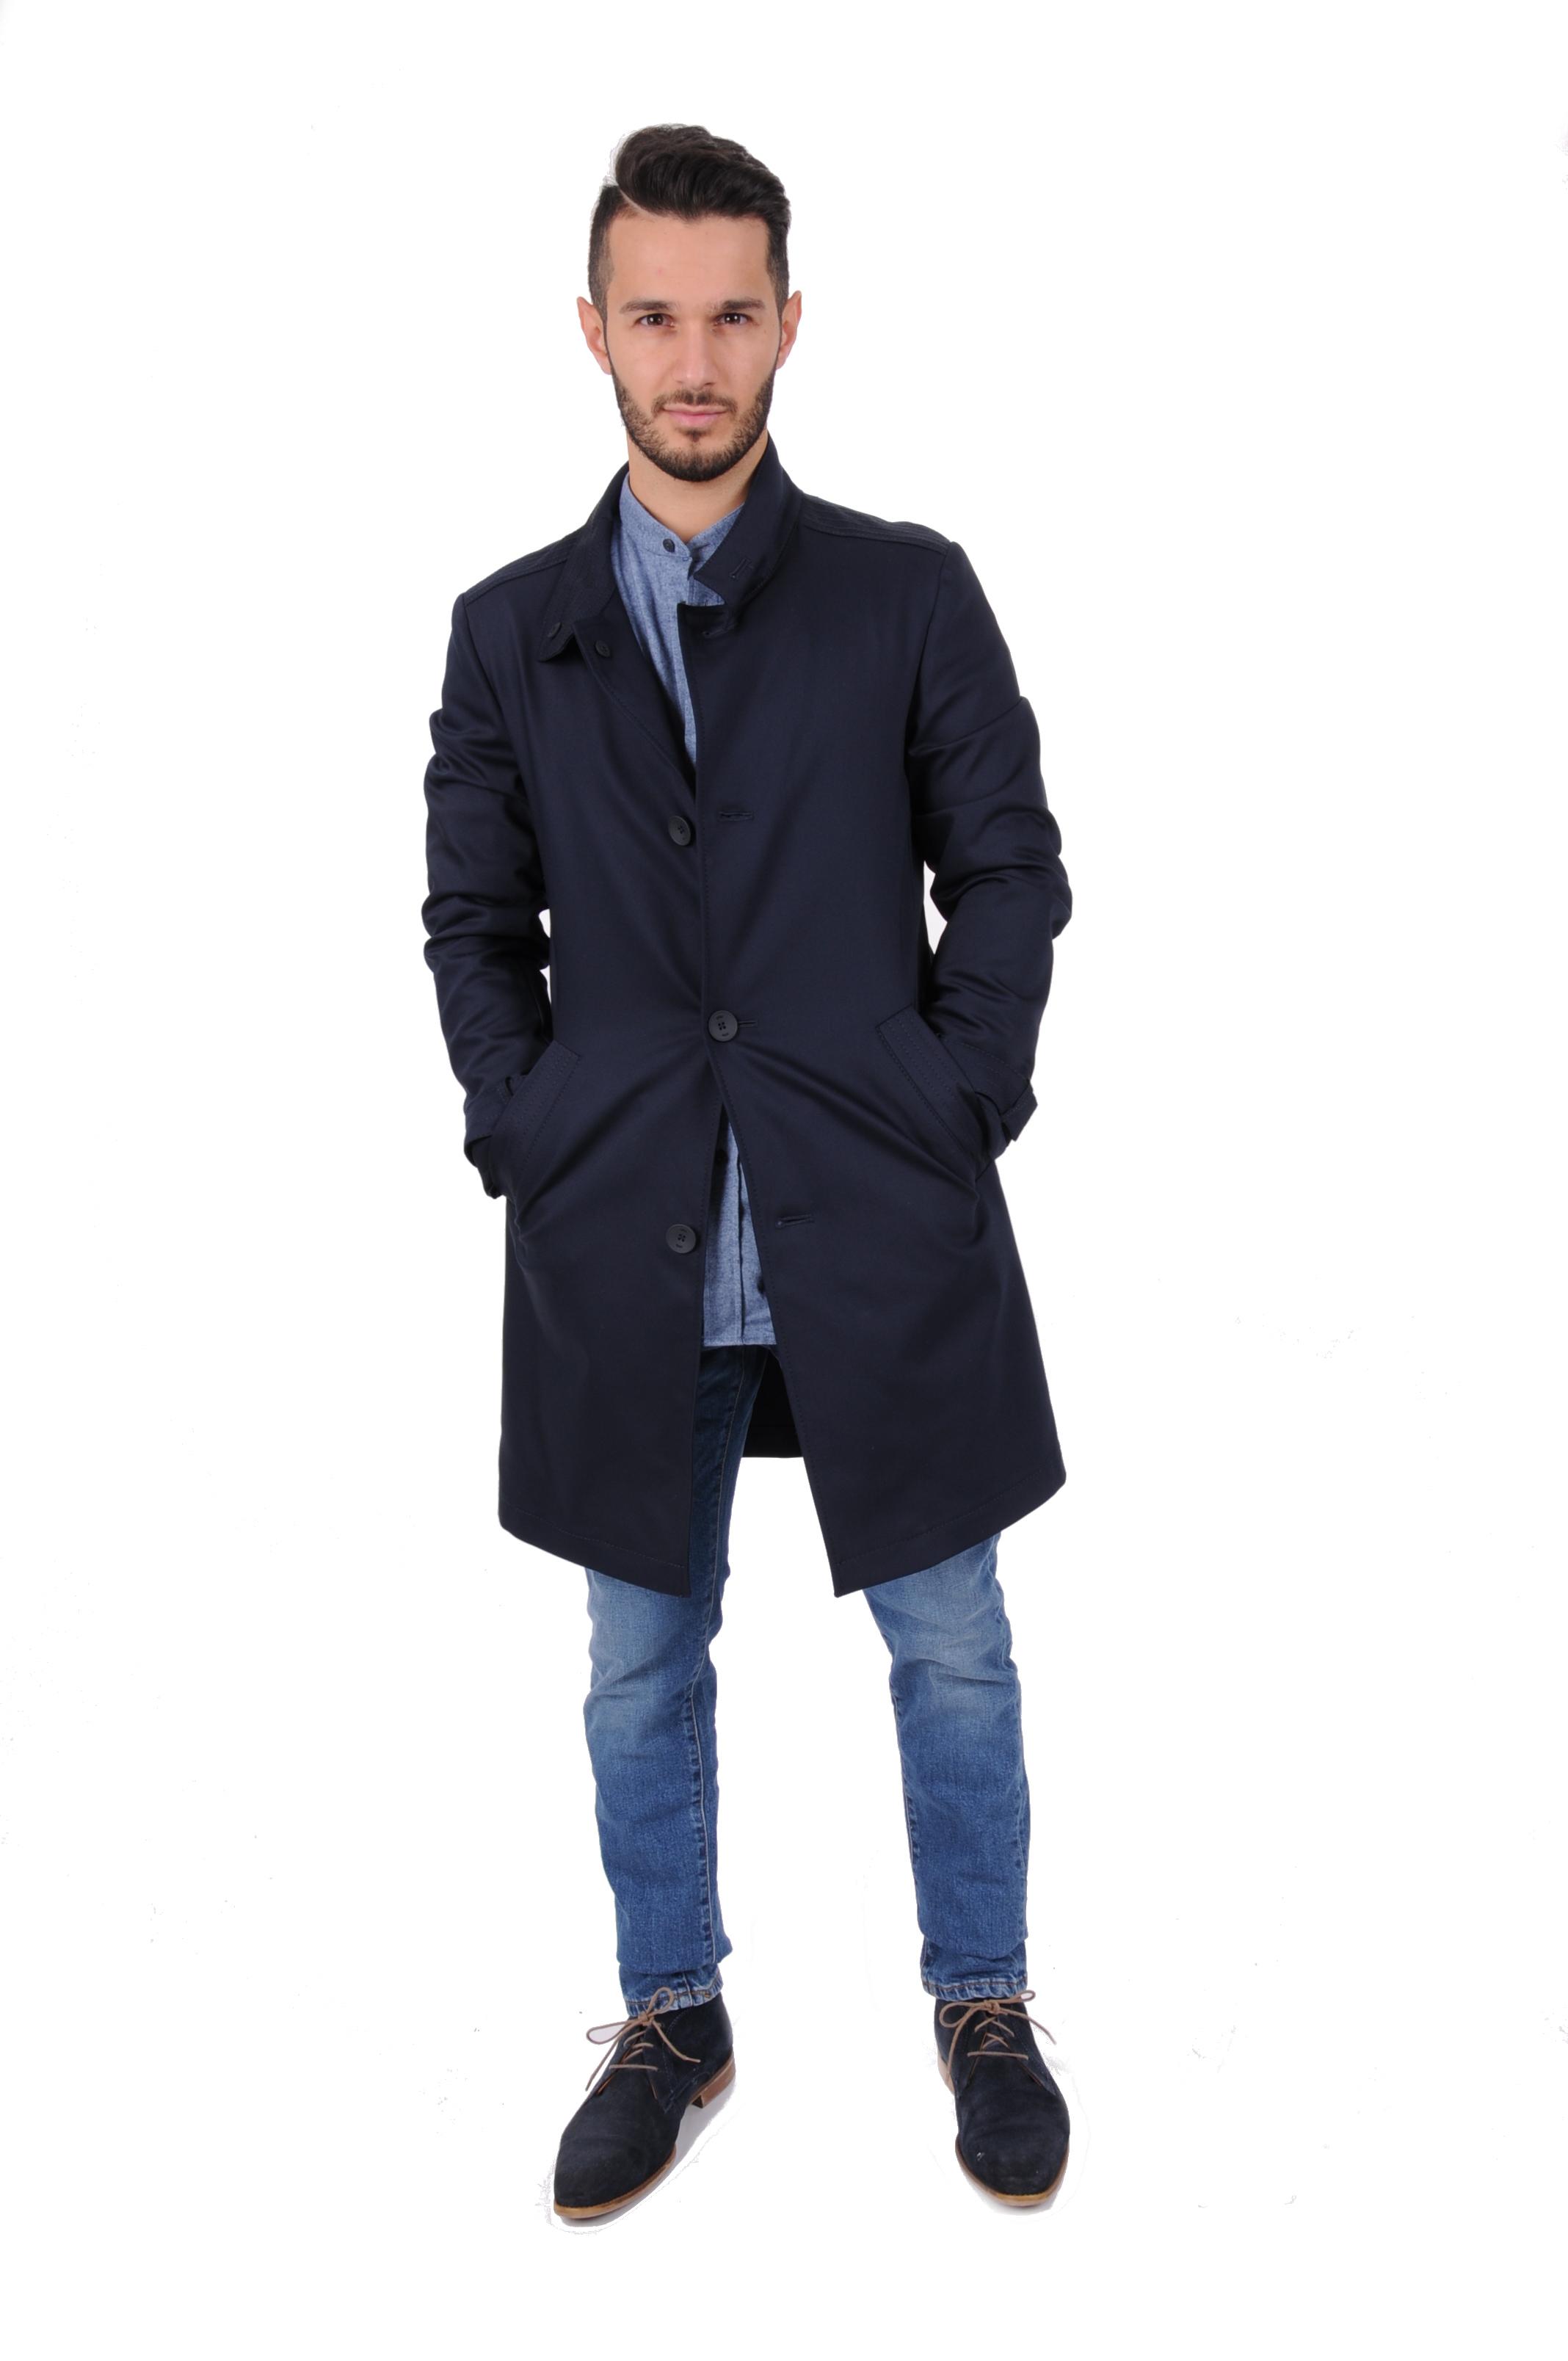 The.Nim - Dylan medium blue   Jeans und Hosen   Herrenmode   LEONI ... 9489daa846